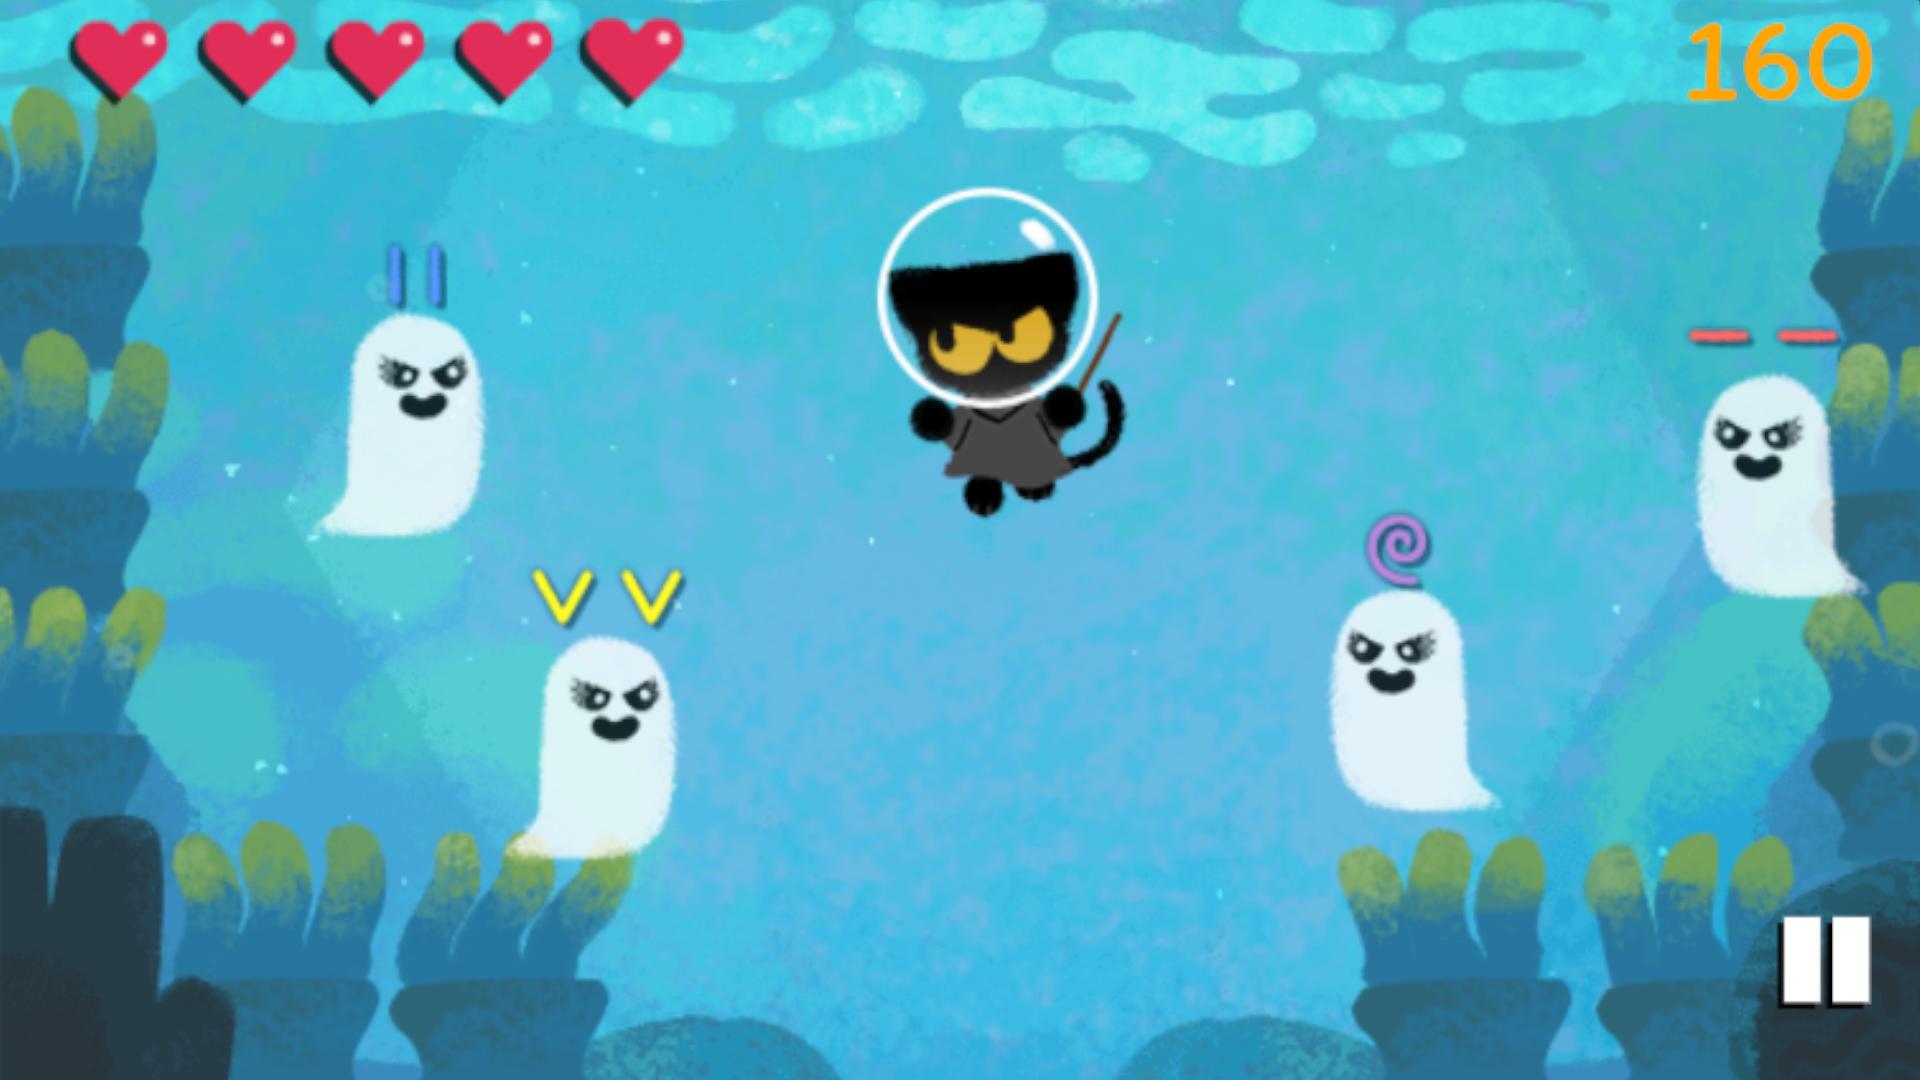 Um gato preto usa sua varinha mágica para enfrentar fantasmas em dois jogos comemorativos do Google Doodle (Fonte: Google Doodle)